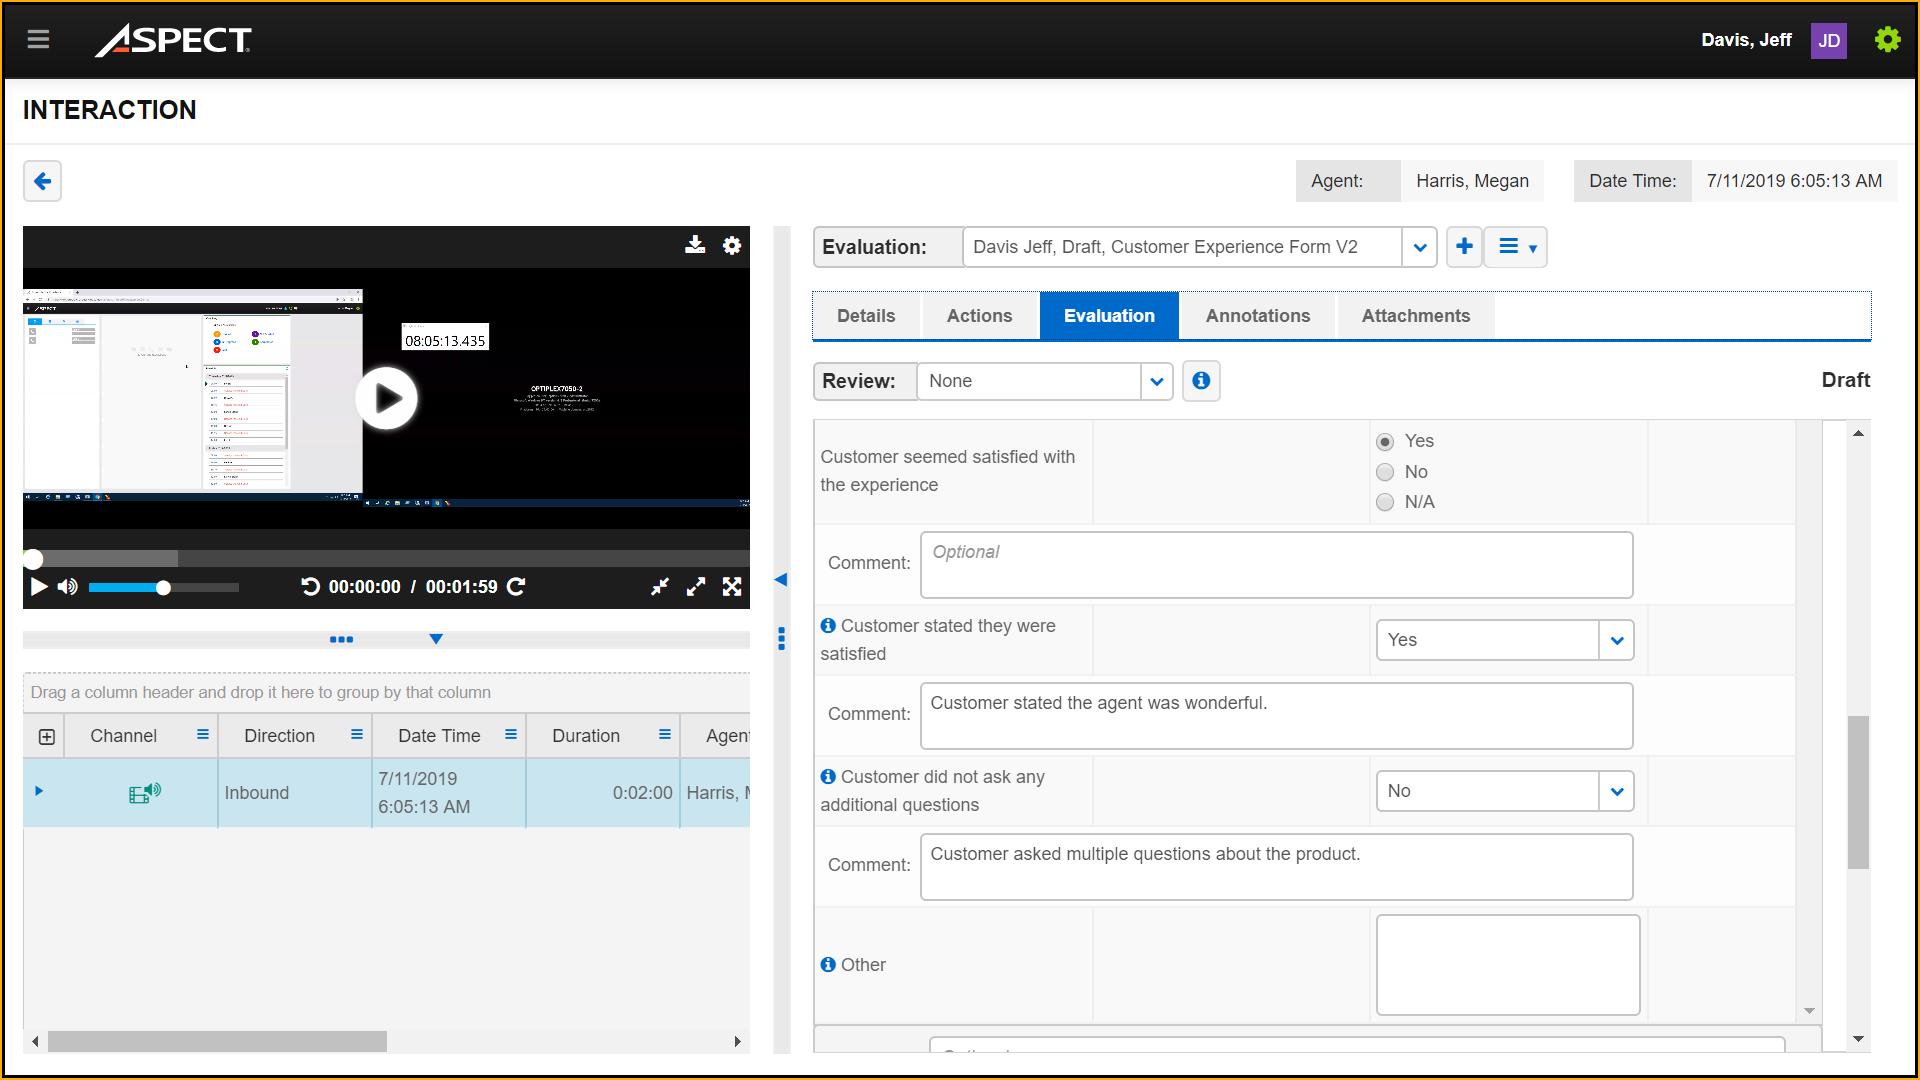 Aspect Quality Management screenshot